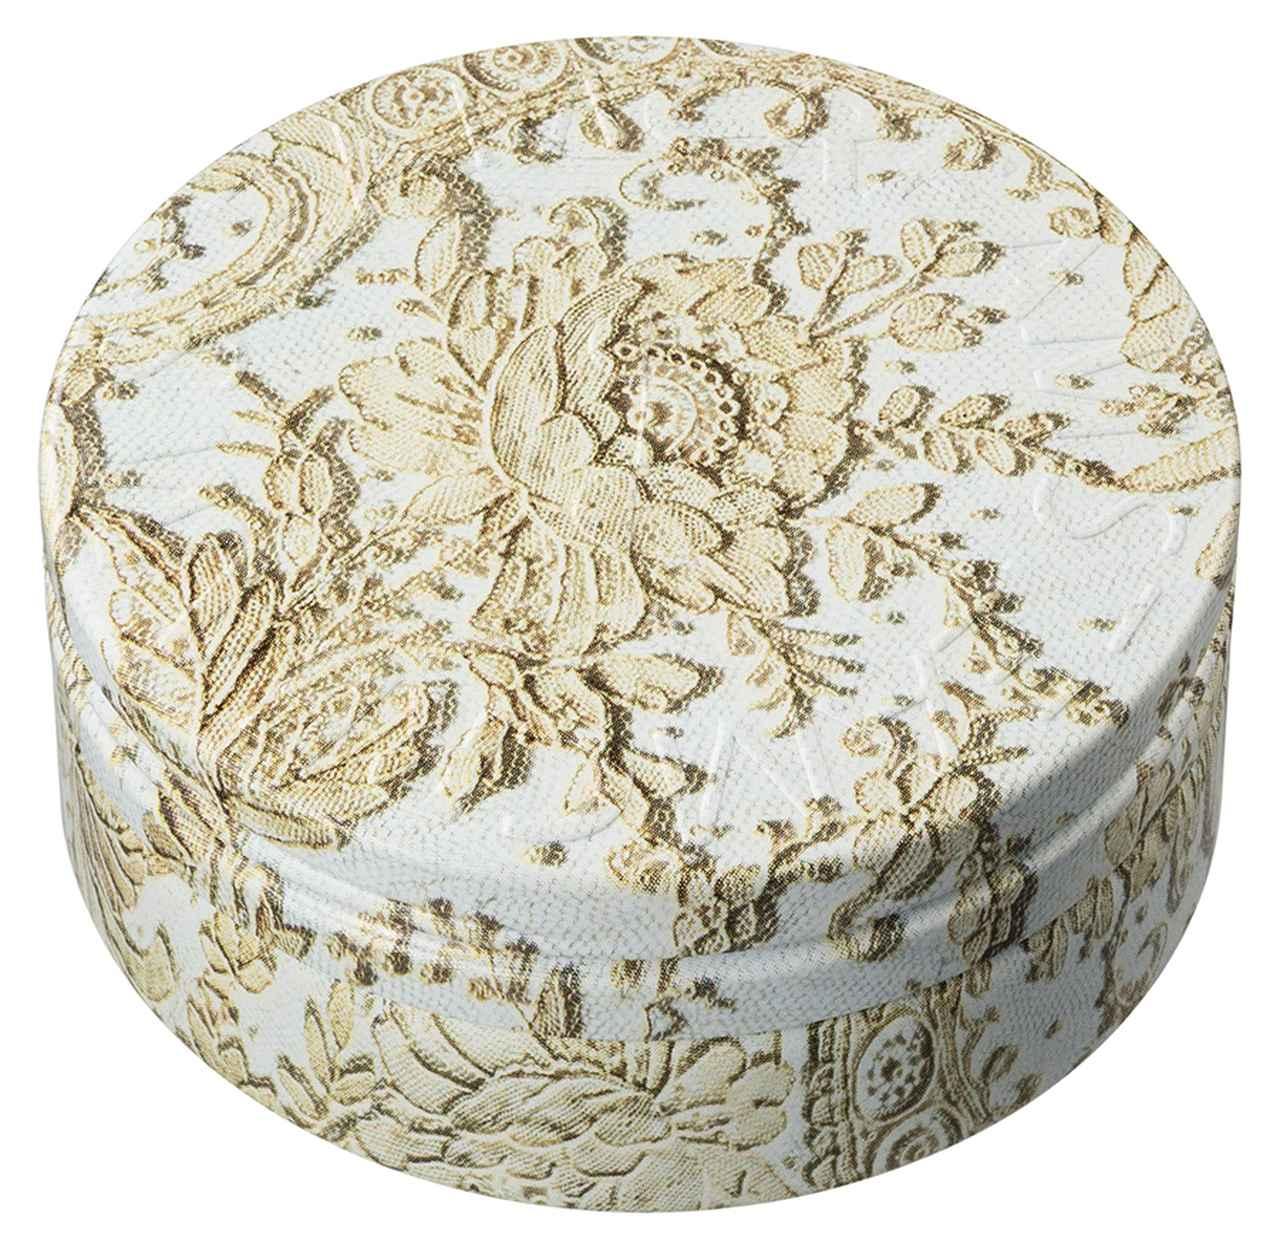 画像: ~デザインストーリー~ 19世紀中頃に織られたバラの花が印象的なアンティークレース「ポワン・ド・ローズ」で、缶全体をやさしく包み込んだようなデザインに仕上げました。繊細で美しく、上品なレースが、優雅な気持ちにしてくれます。